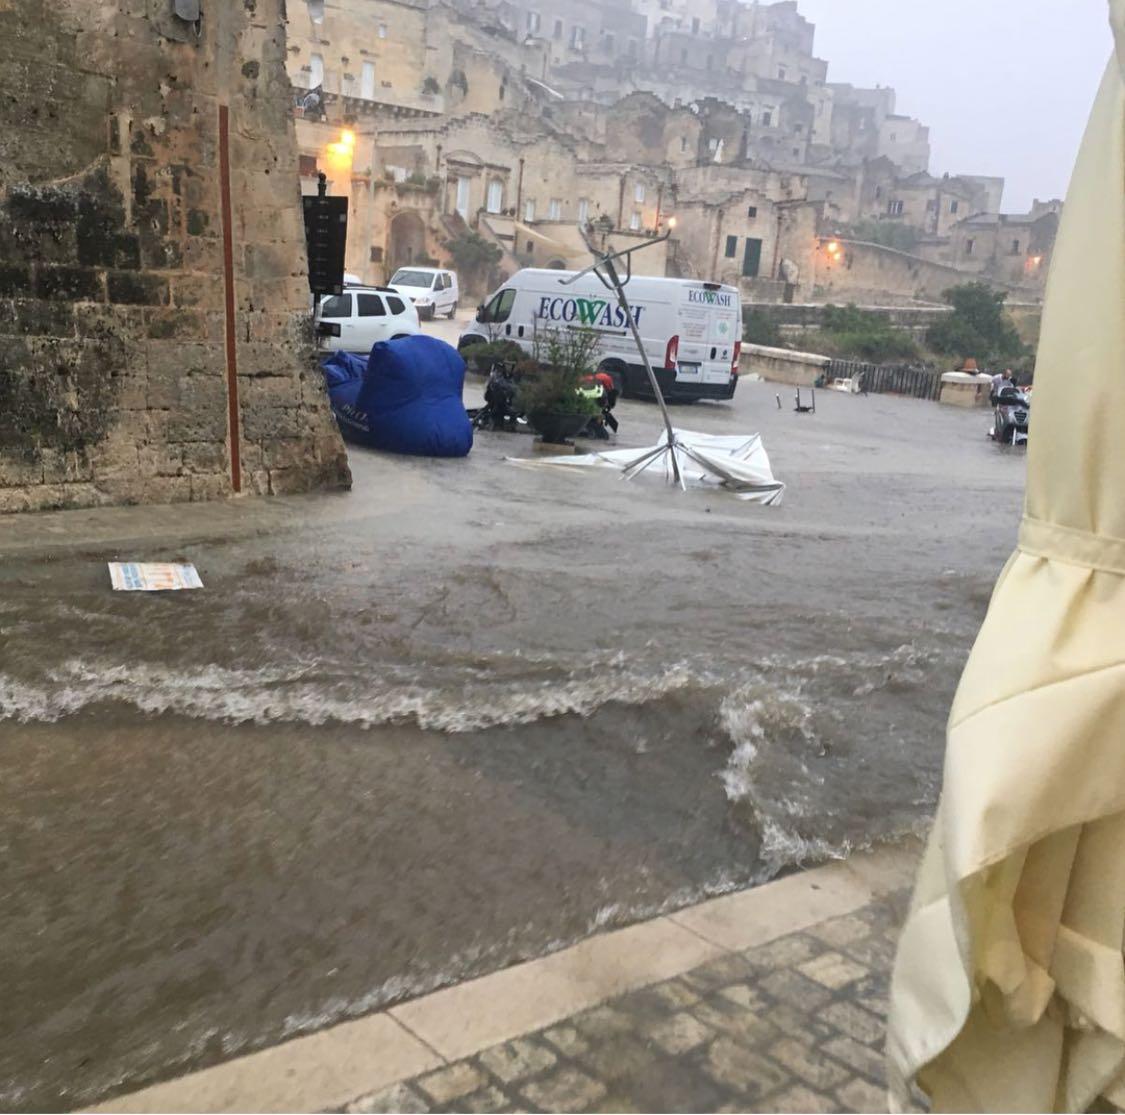 Bomba d'acqua mette in ginocchio Matera